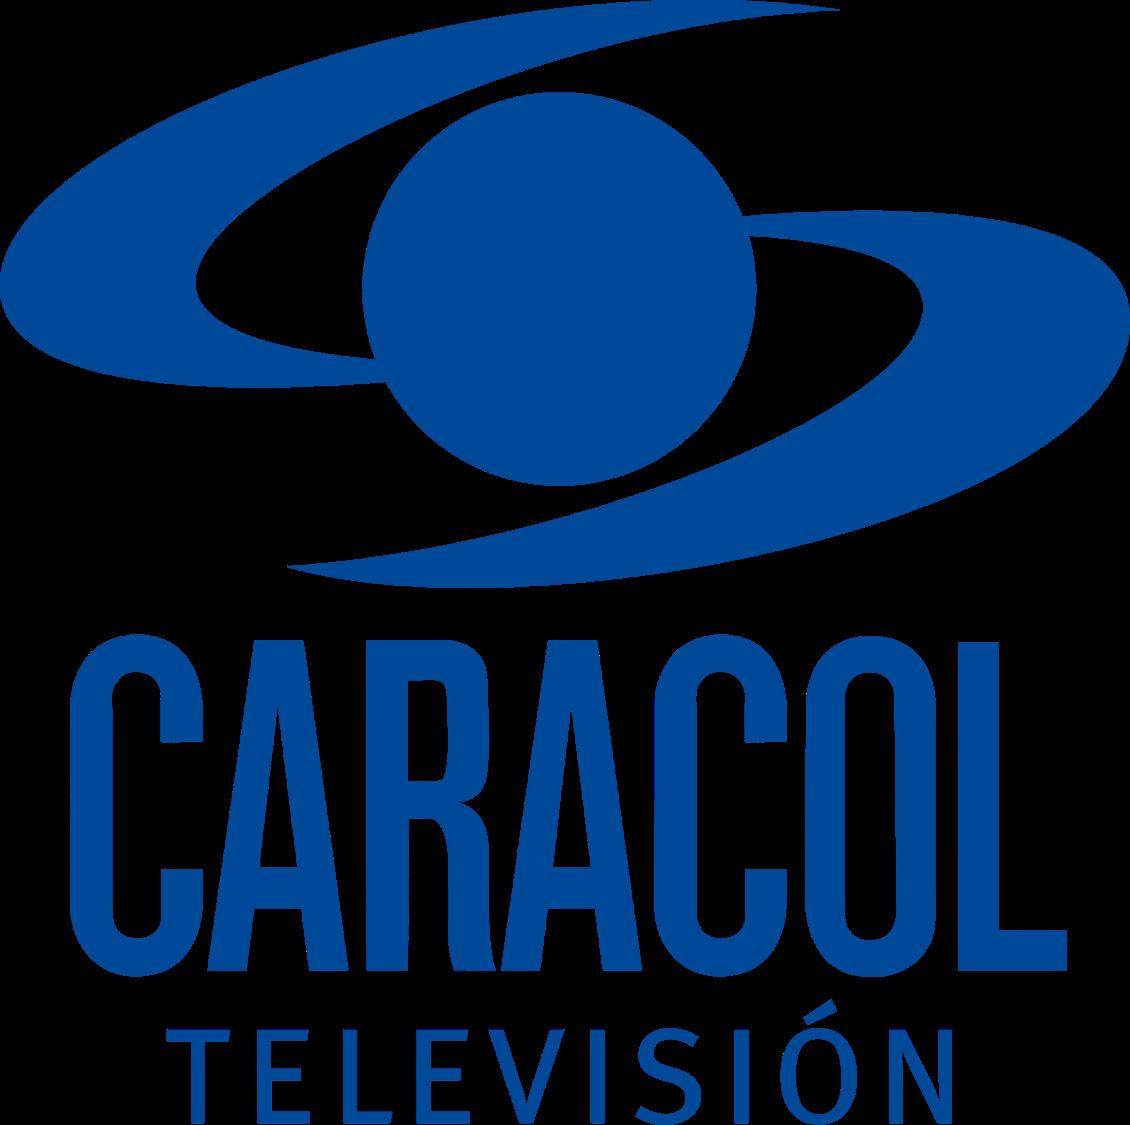 CaracolTV 2012